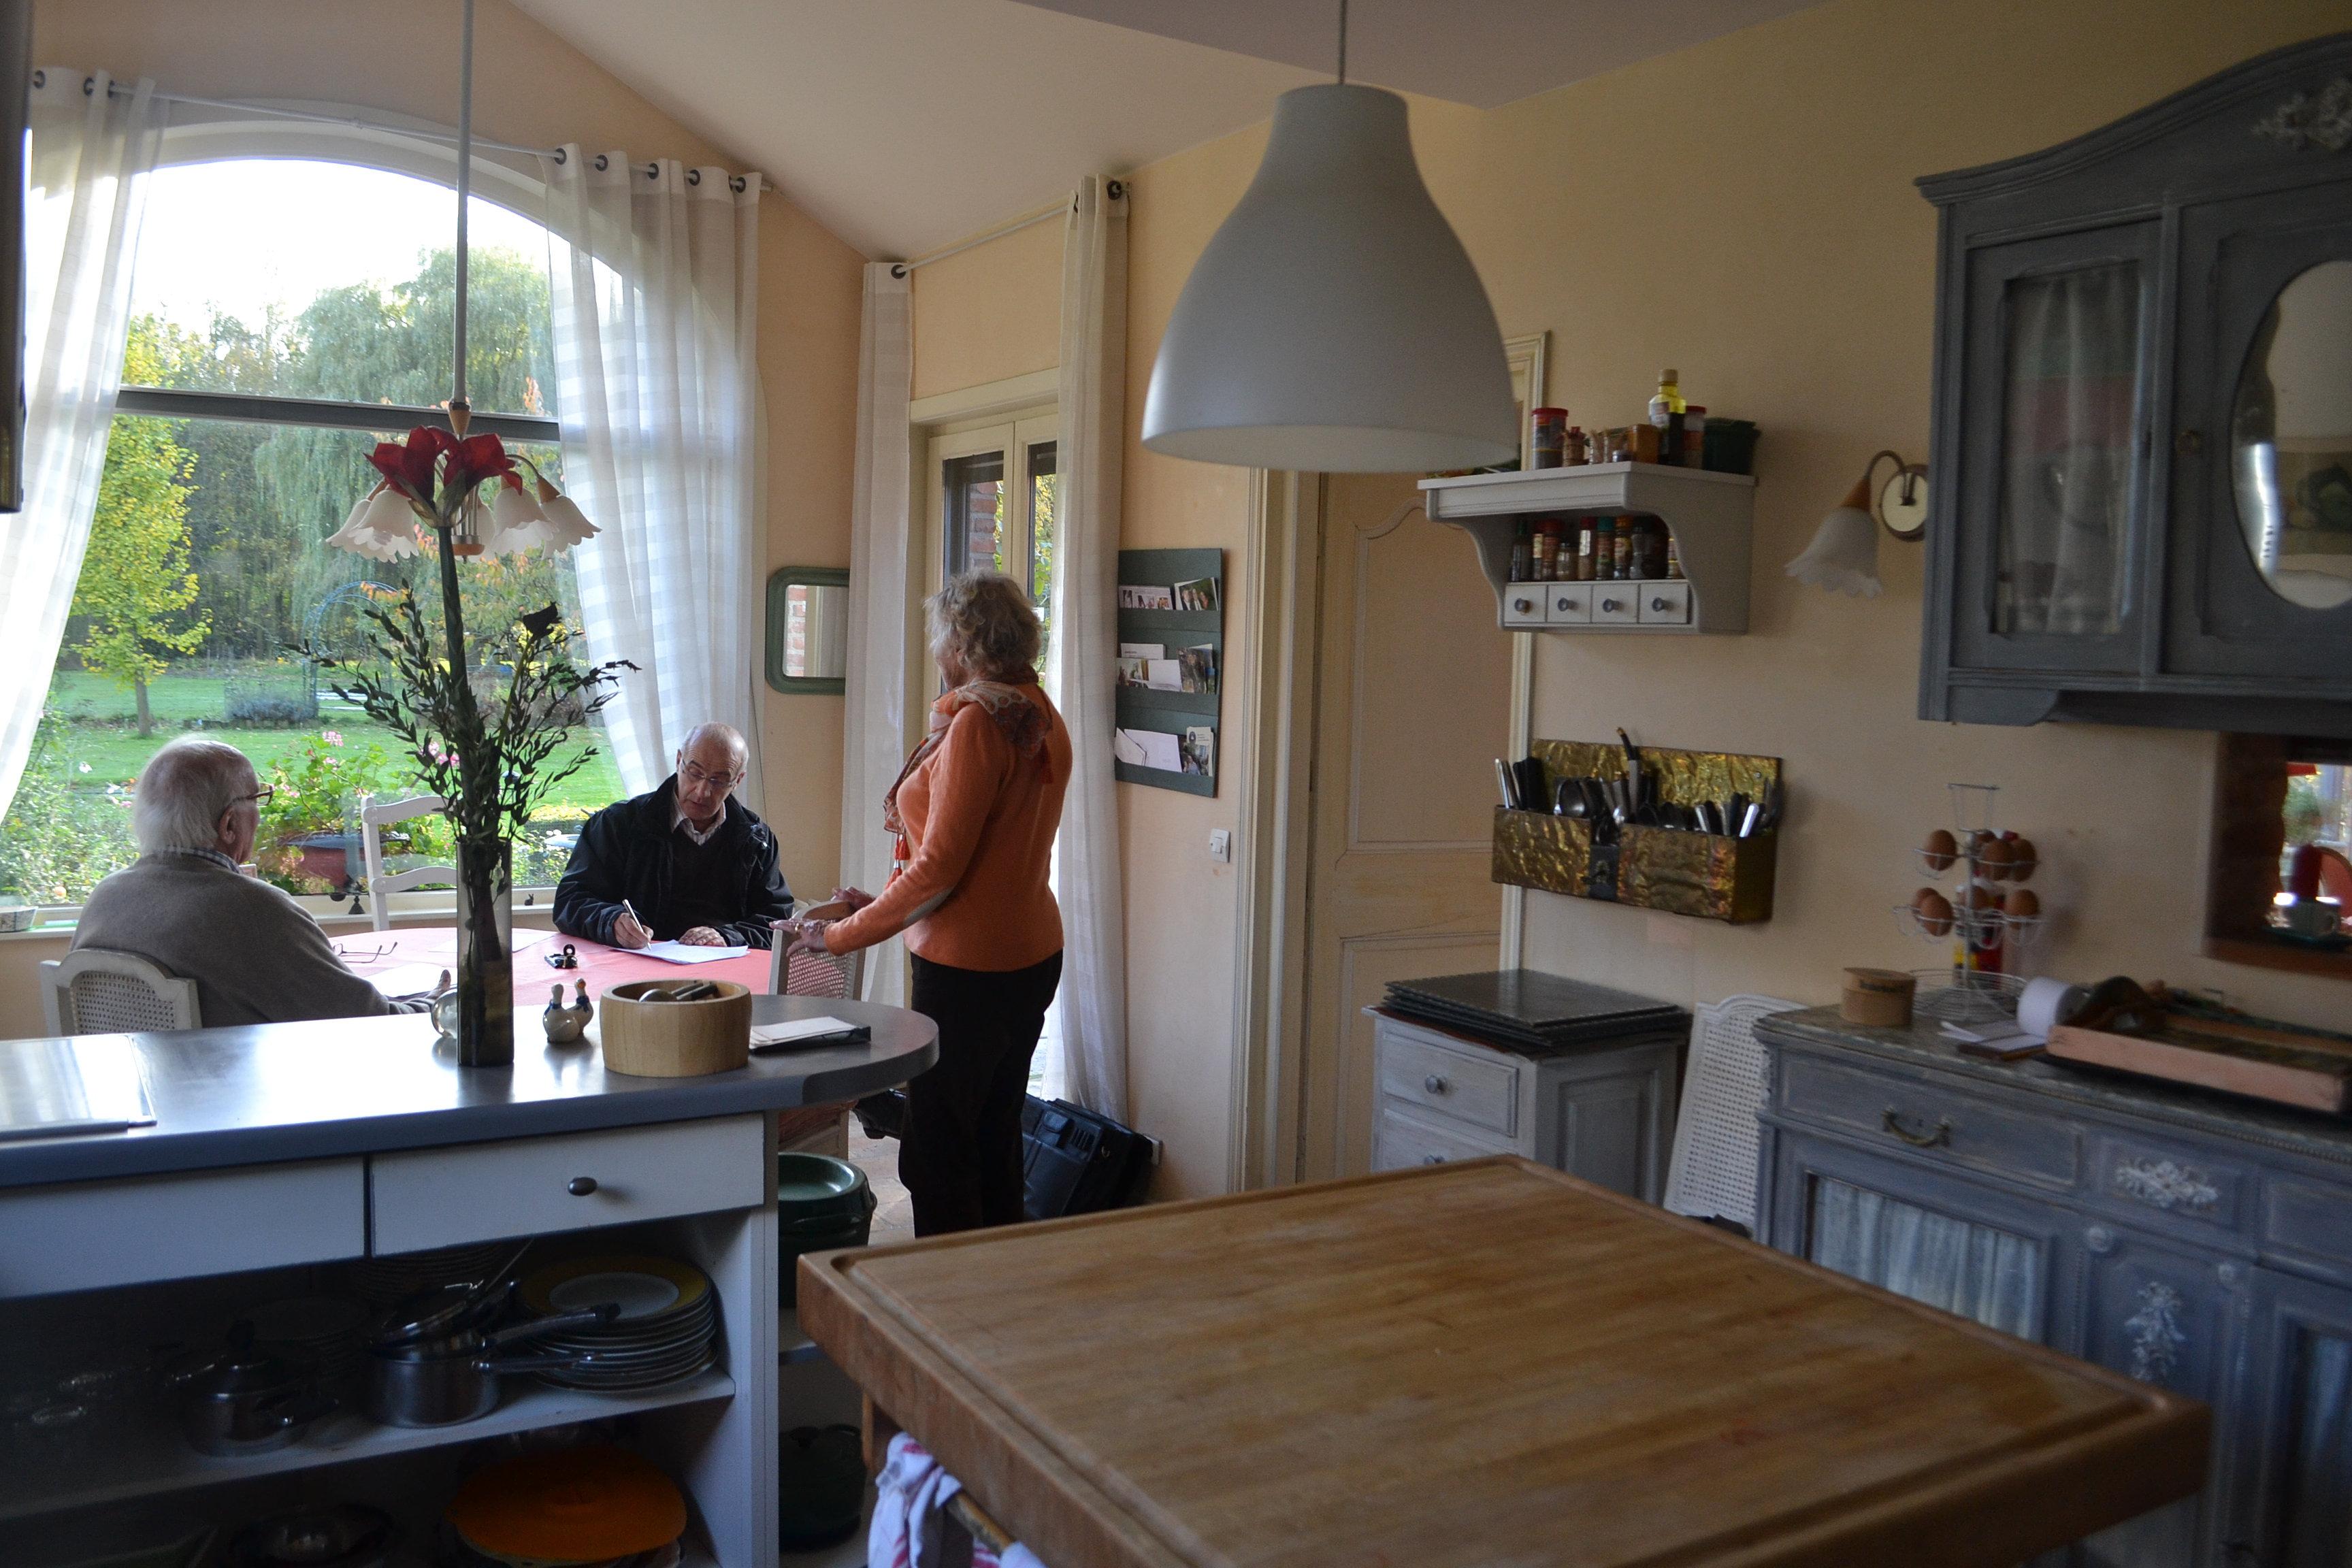 Immauvert immobilier lille metropole weppes nord pas de calais cuisine ma - Cuisine maison bourgeoise ...